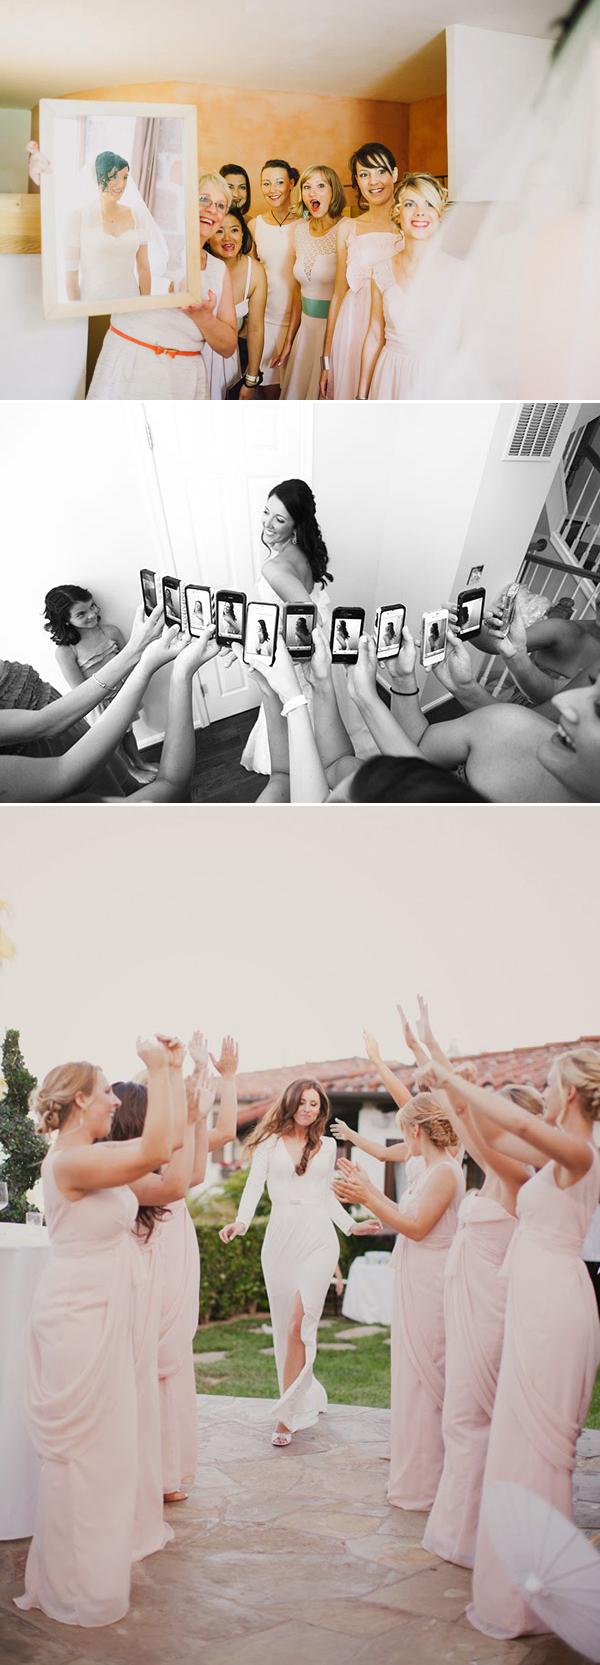 bridesmaid03-firstlook